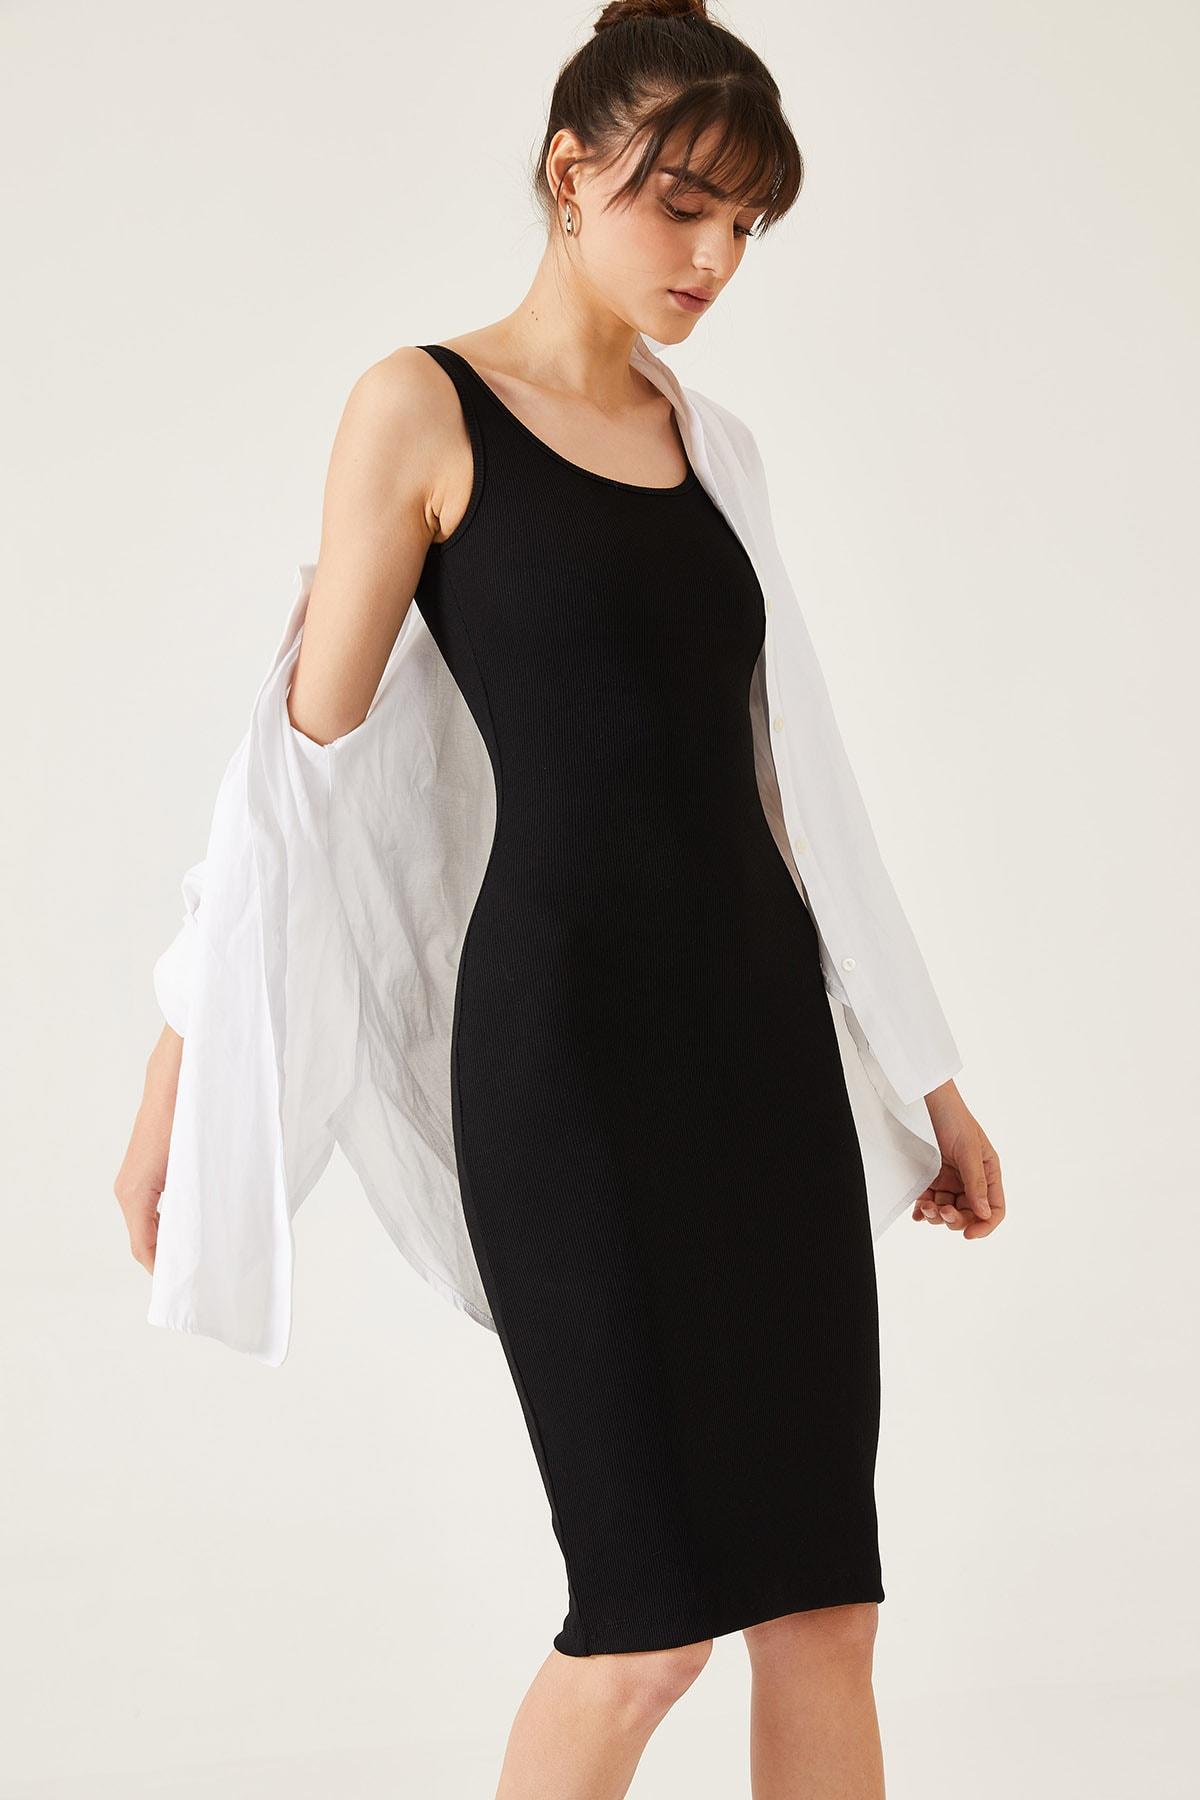 Kadın Kalın Askılı Kaşkorse Uzun Elbise